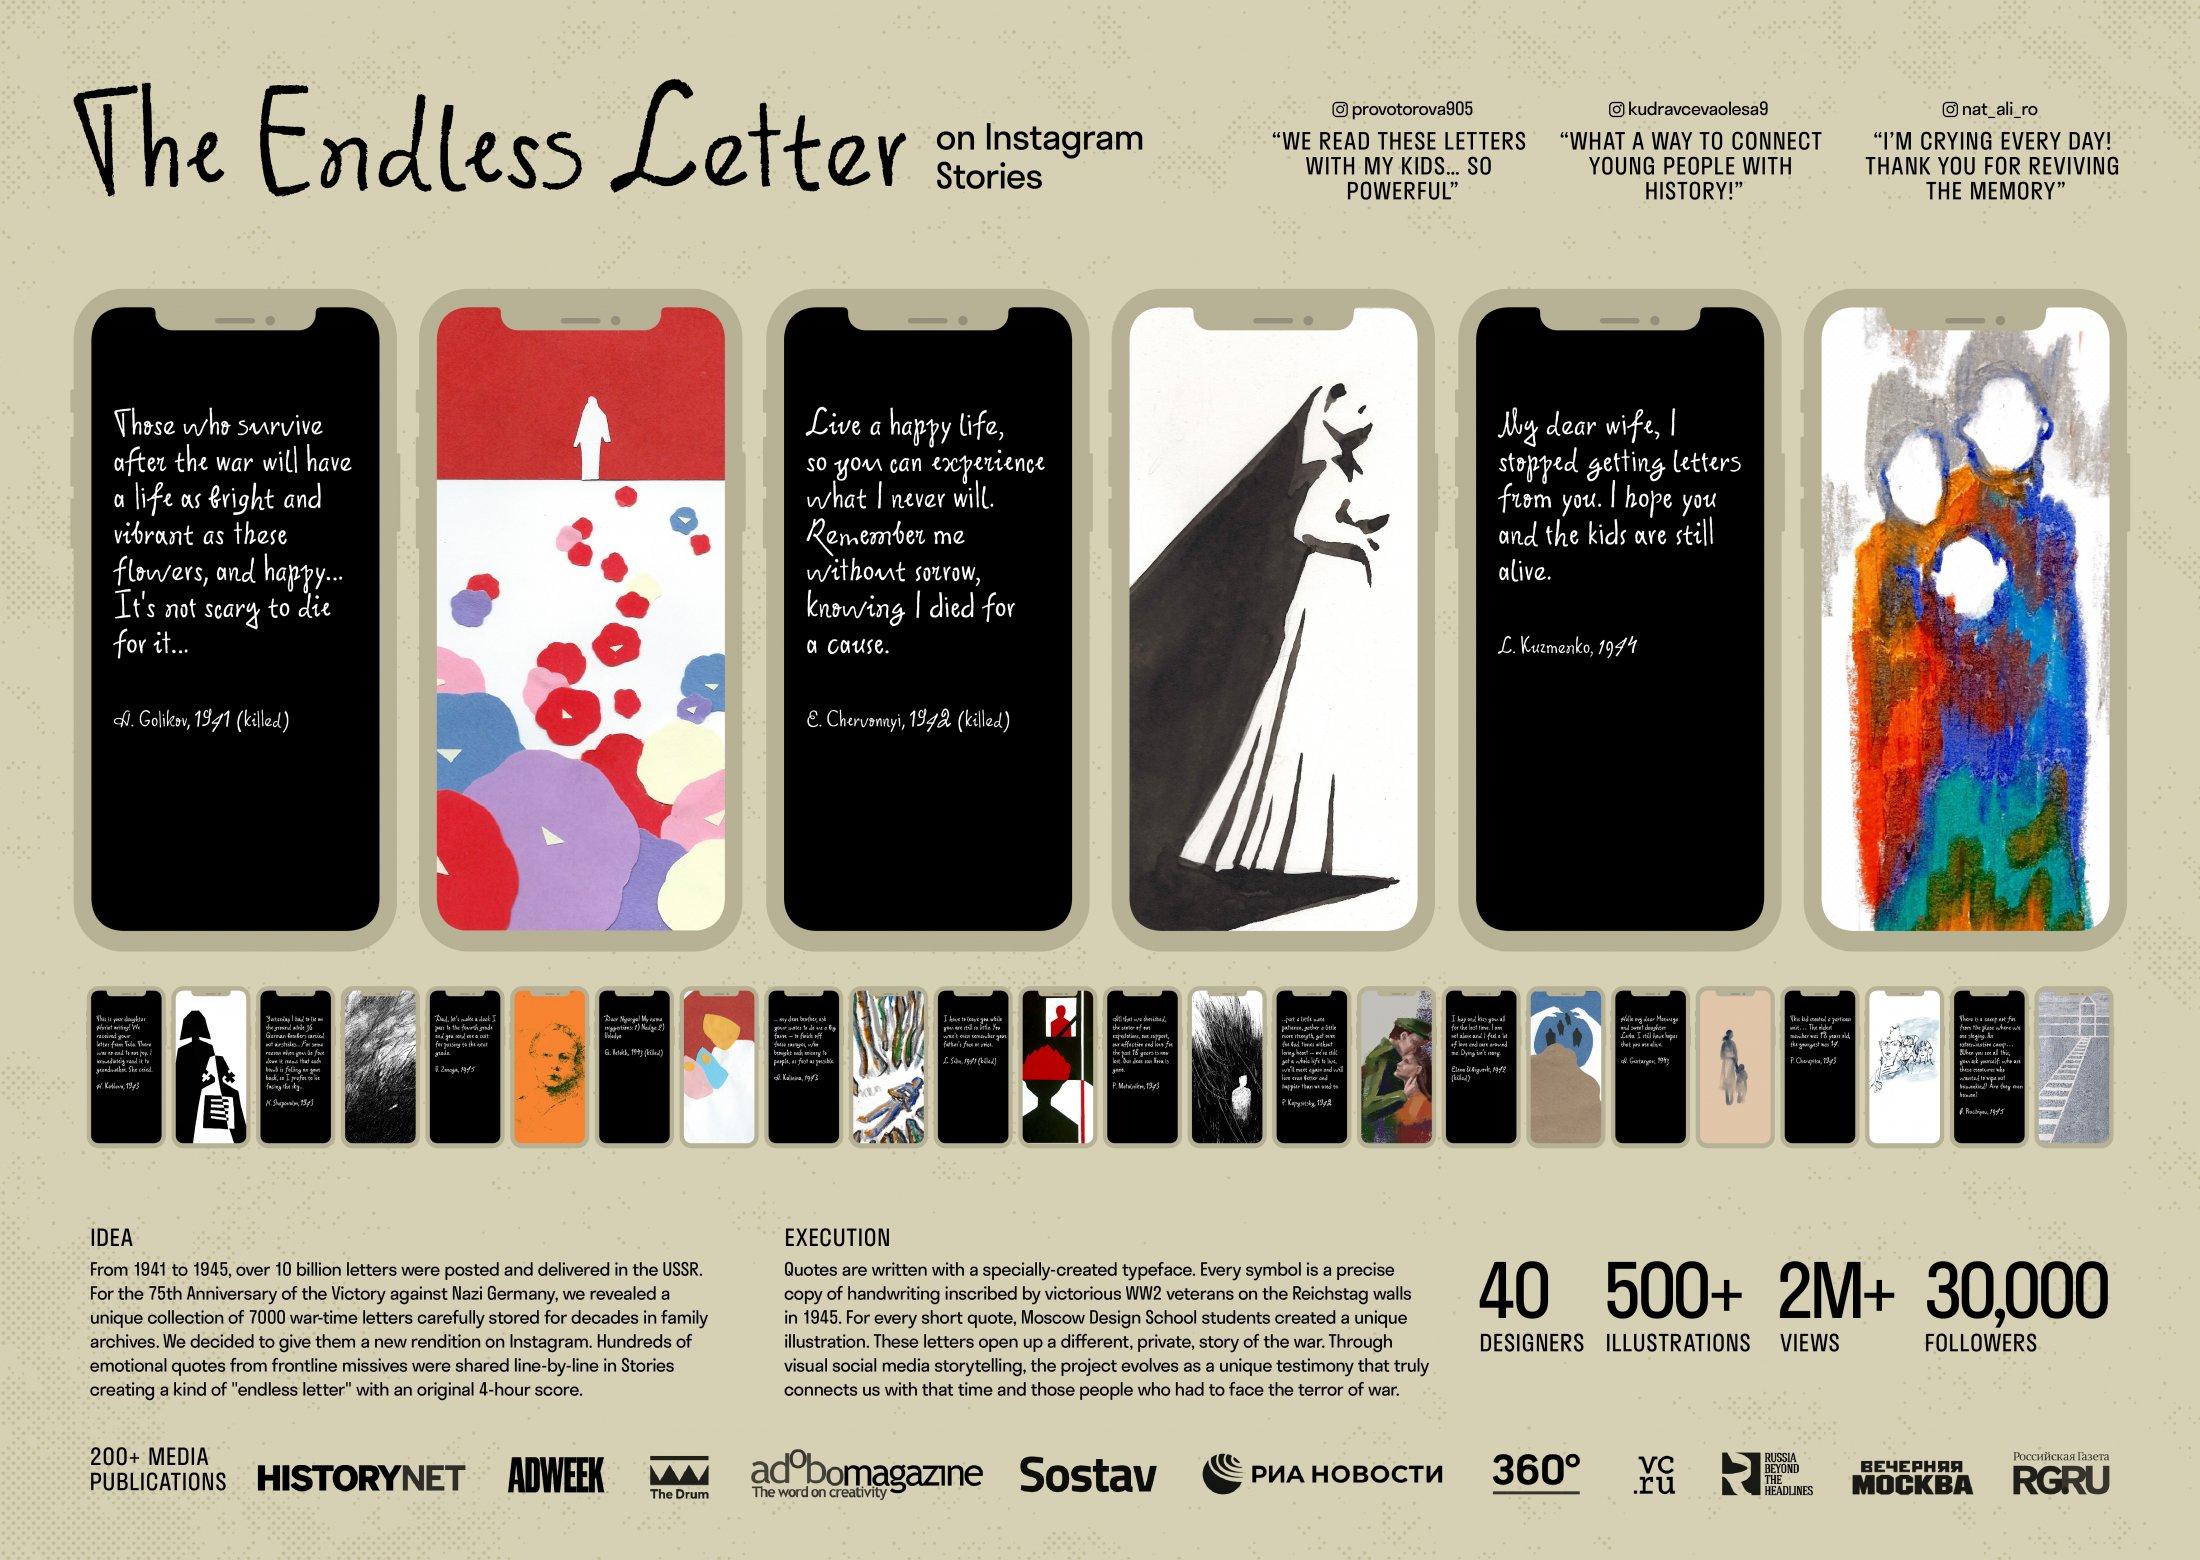 Thumbnail for Endless Letter On Instagram Stories Soundtrack